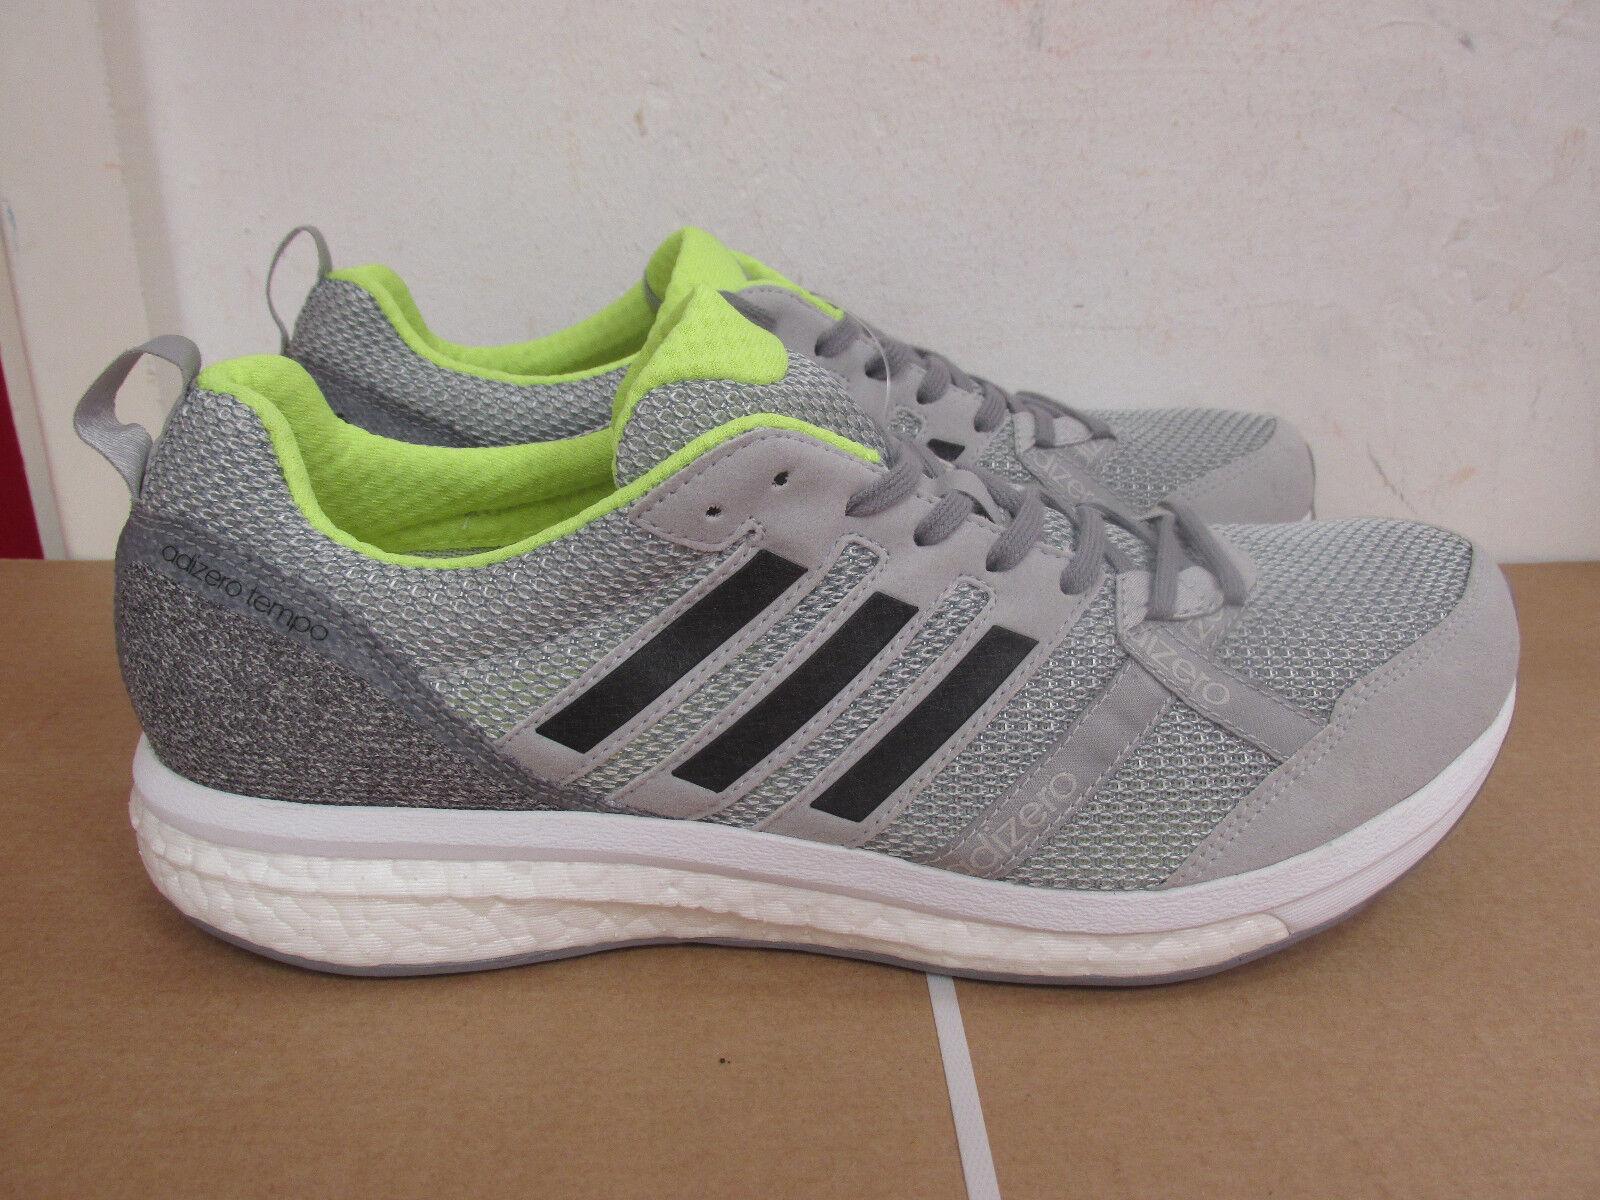 Adidas Adizero Tempo 8 BA8237 Sneaker Uomo Scarpe da ginnastica CAMPIONE Scarpe classiche da uomo